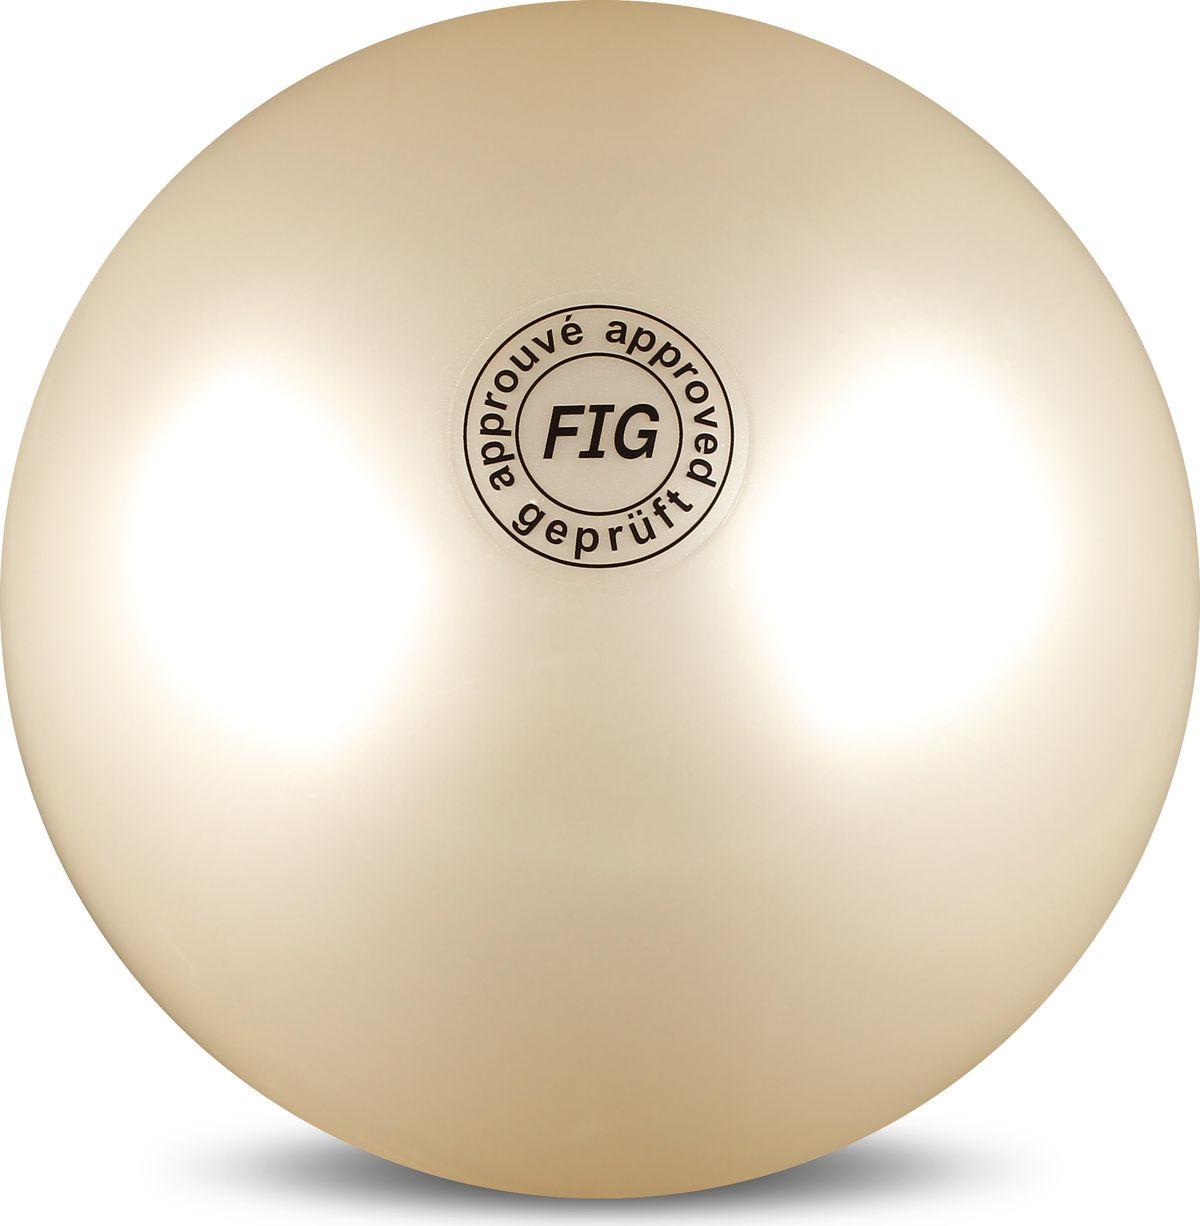 Мяч гимнастический Indigo, цвет: белый, диаметр 19 см мяч для художественной гимнастики indigo силиконовый цвет разноцветный диаметр 15 см